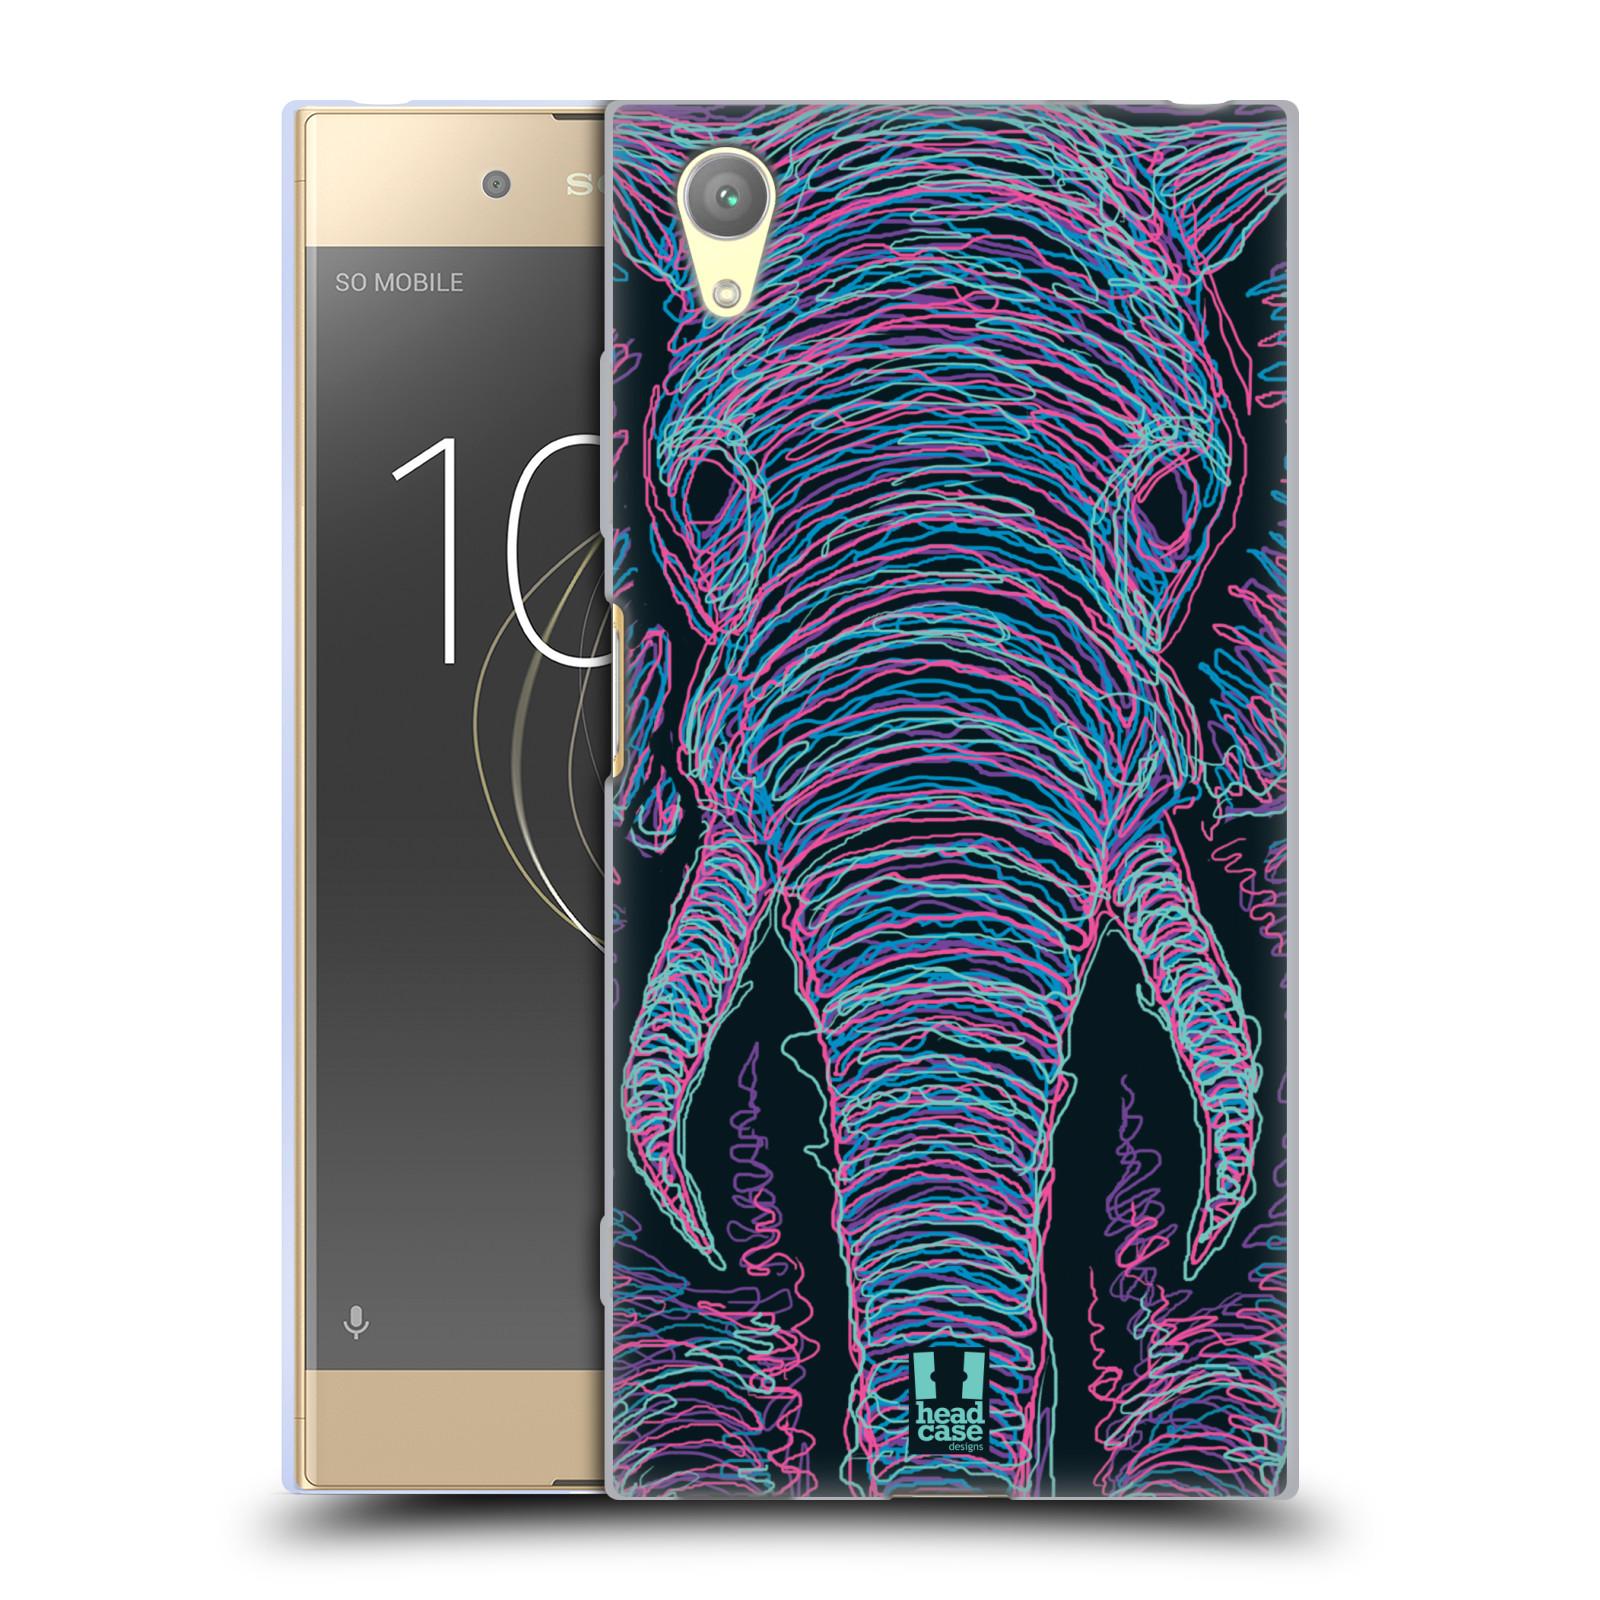 HEAD CASE silikonový obal na mobil Sony Xperia XA1 PLUS vzor zvíře čmáranice slon